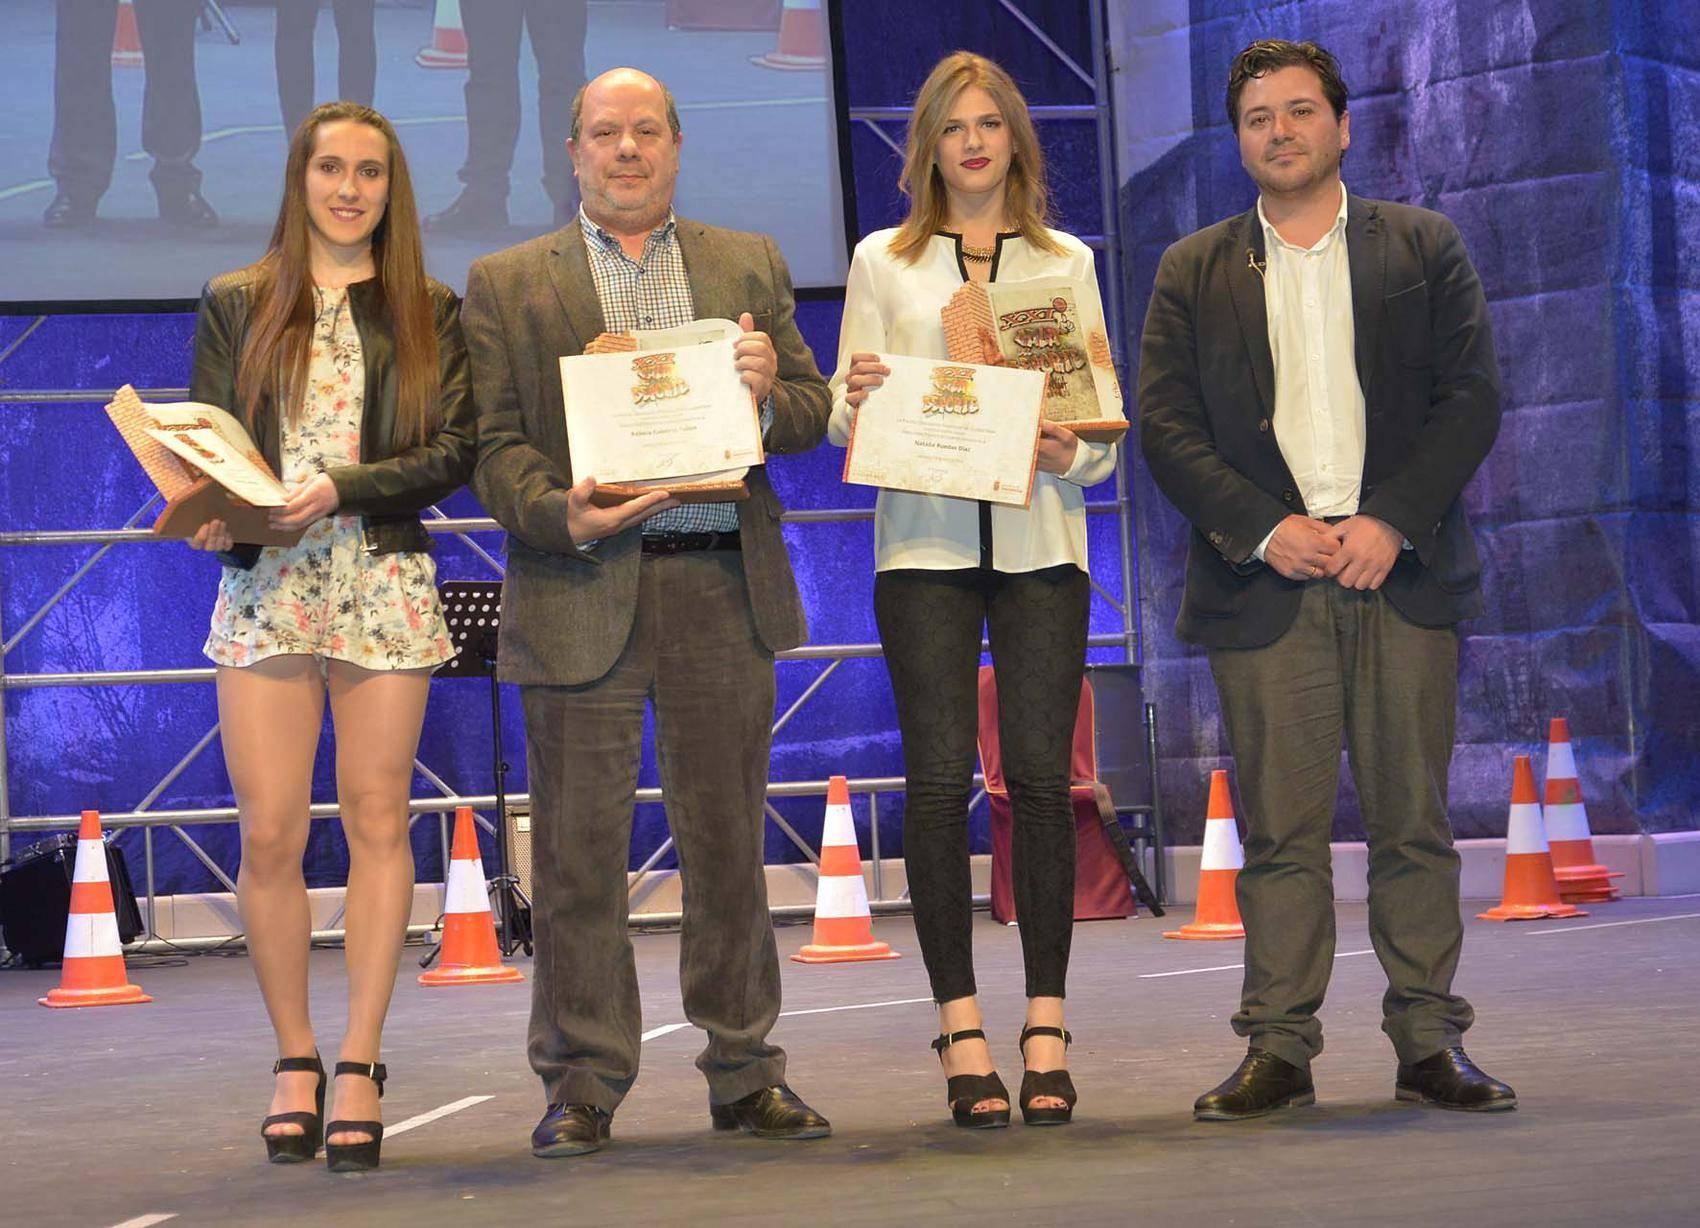 entrega de premios gala del deporte provincial de ciudad real en Herencia13 - Los mejores deportistas de la provincia son premiados en Herencia